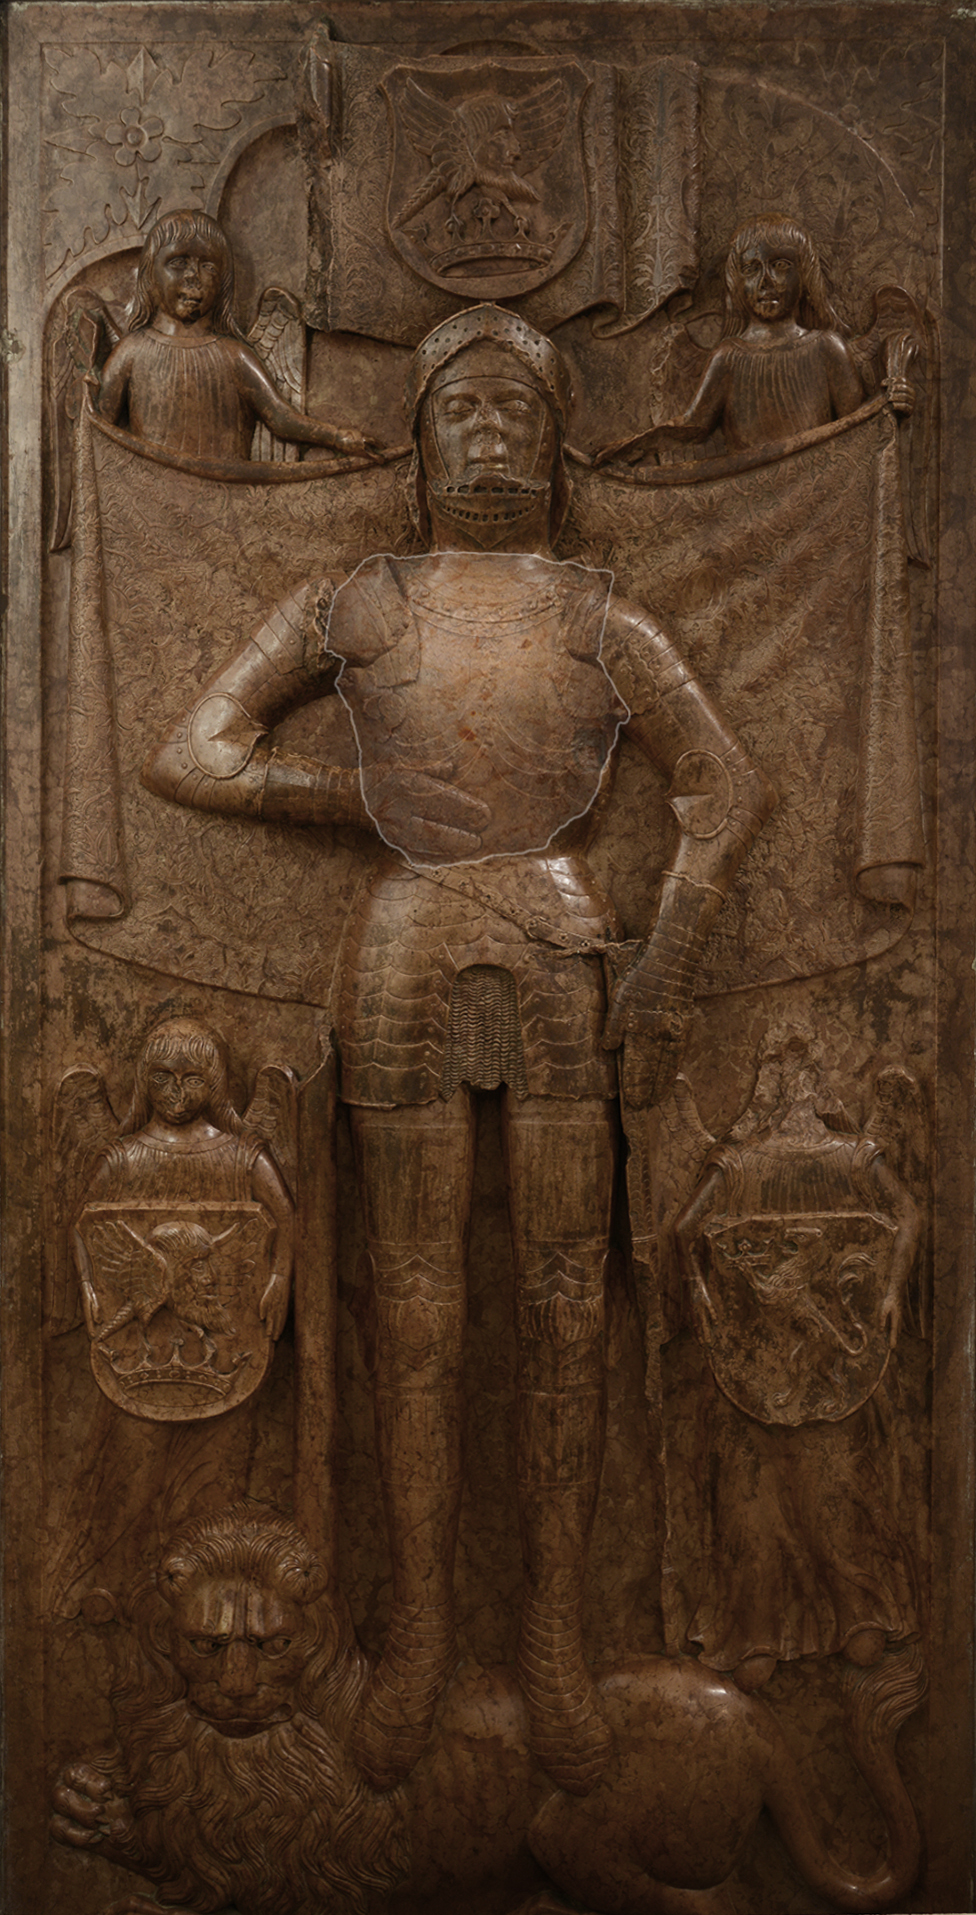 Újraírt történelem - Egy különleges régészeti lelet a középkor végi Szolnokról